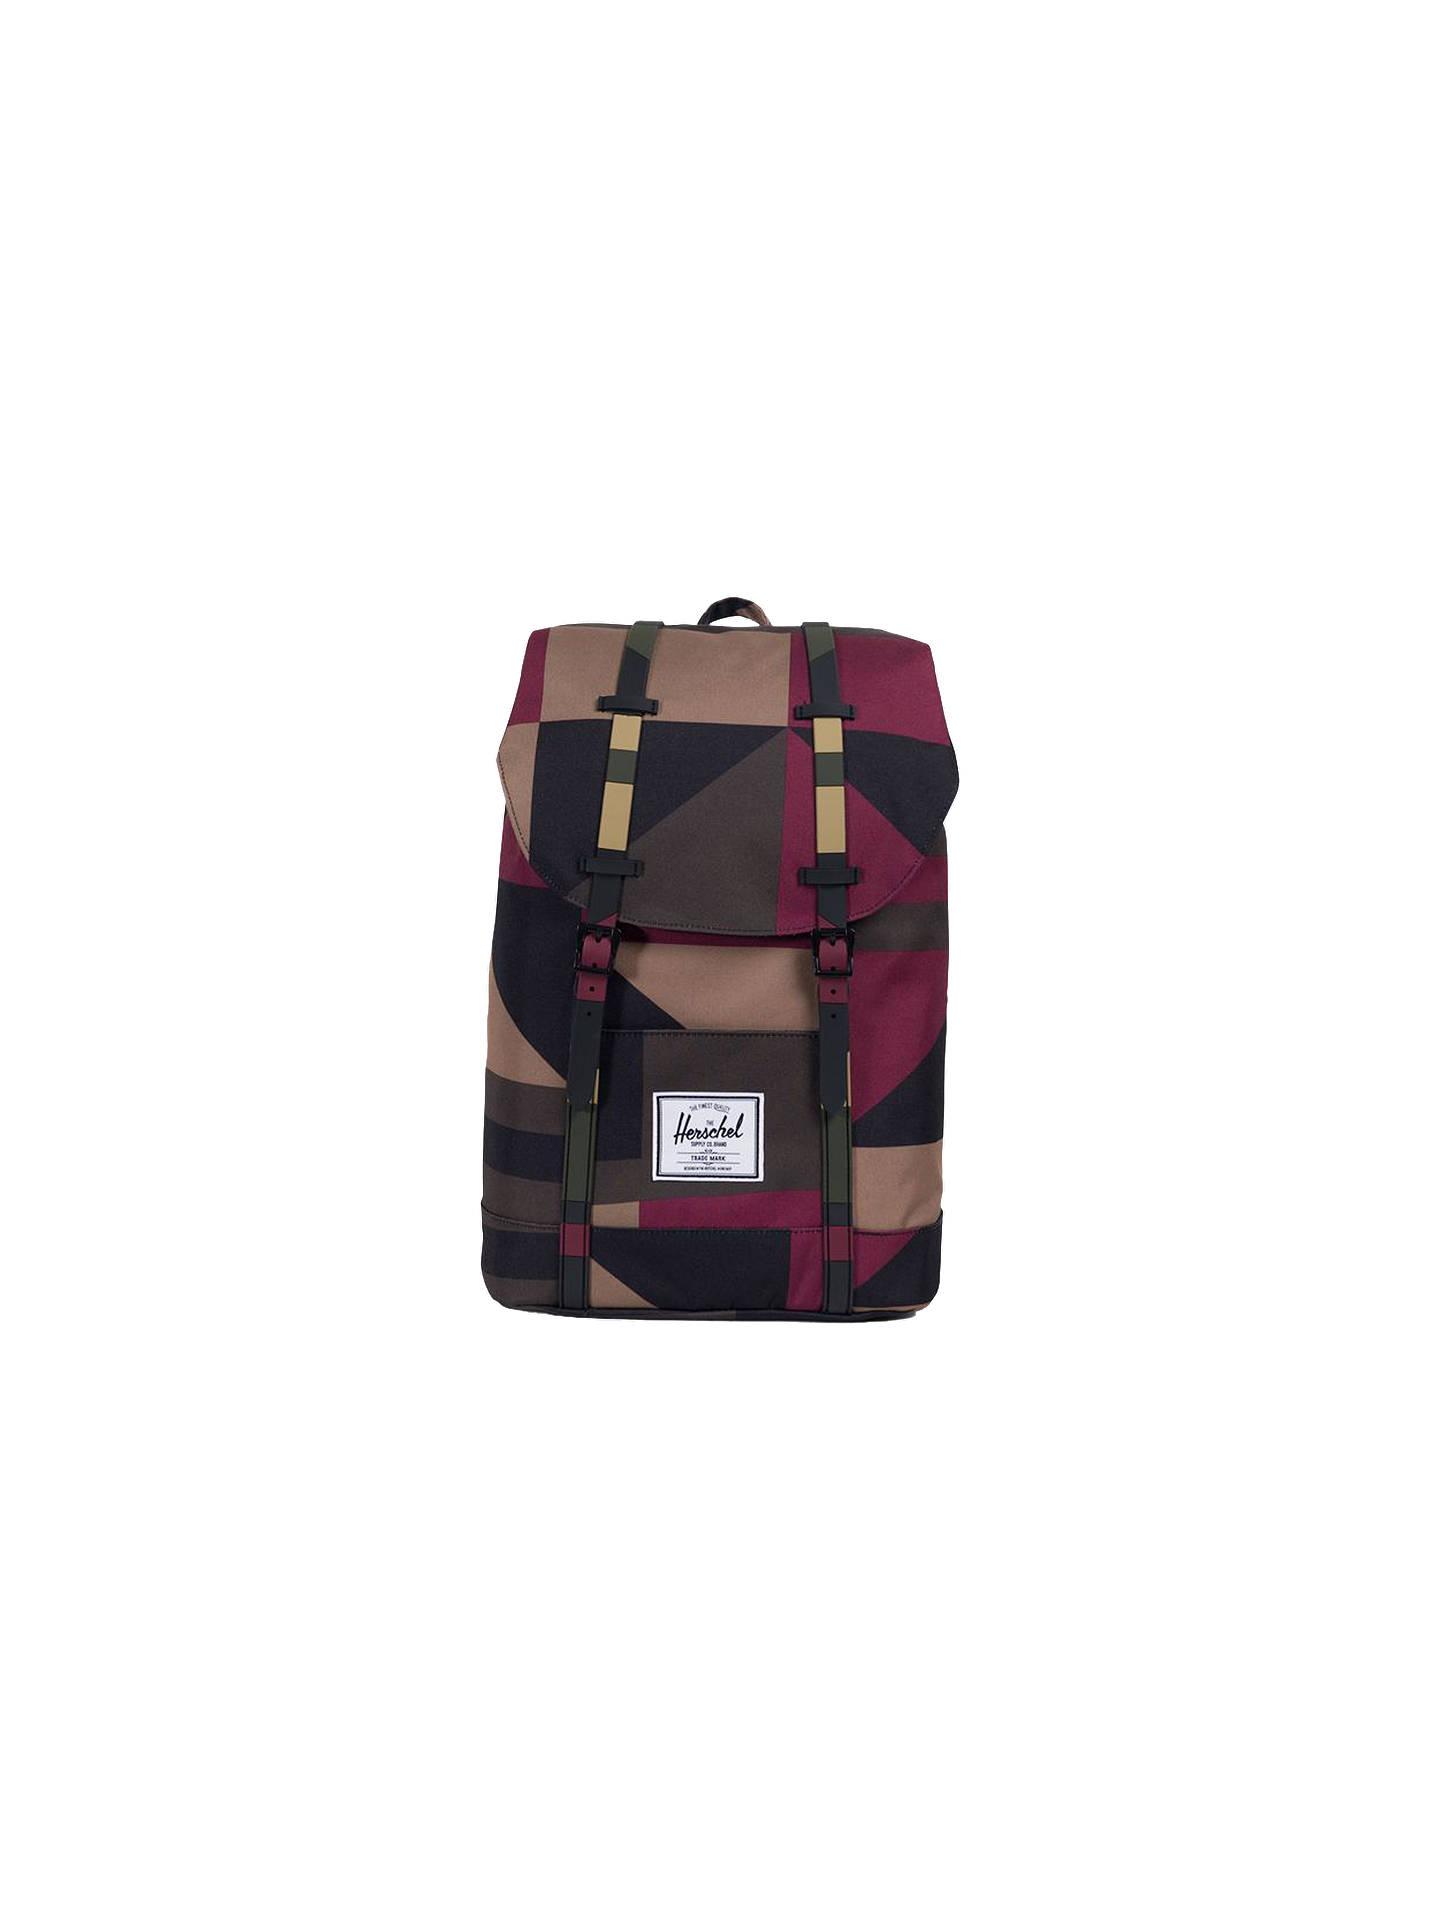 1c37b6b686 Buy Herschel Supply Co. Retreat Backpack